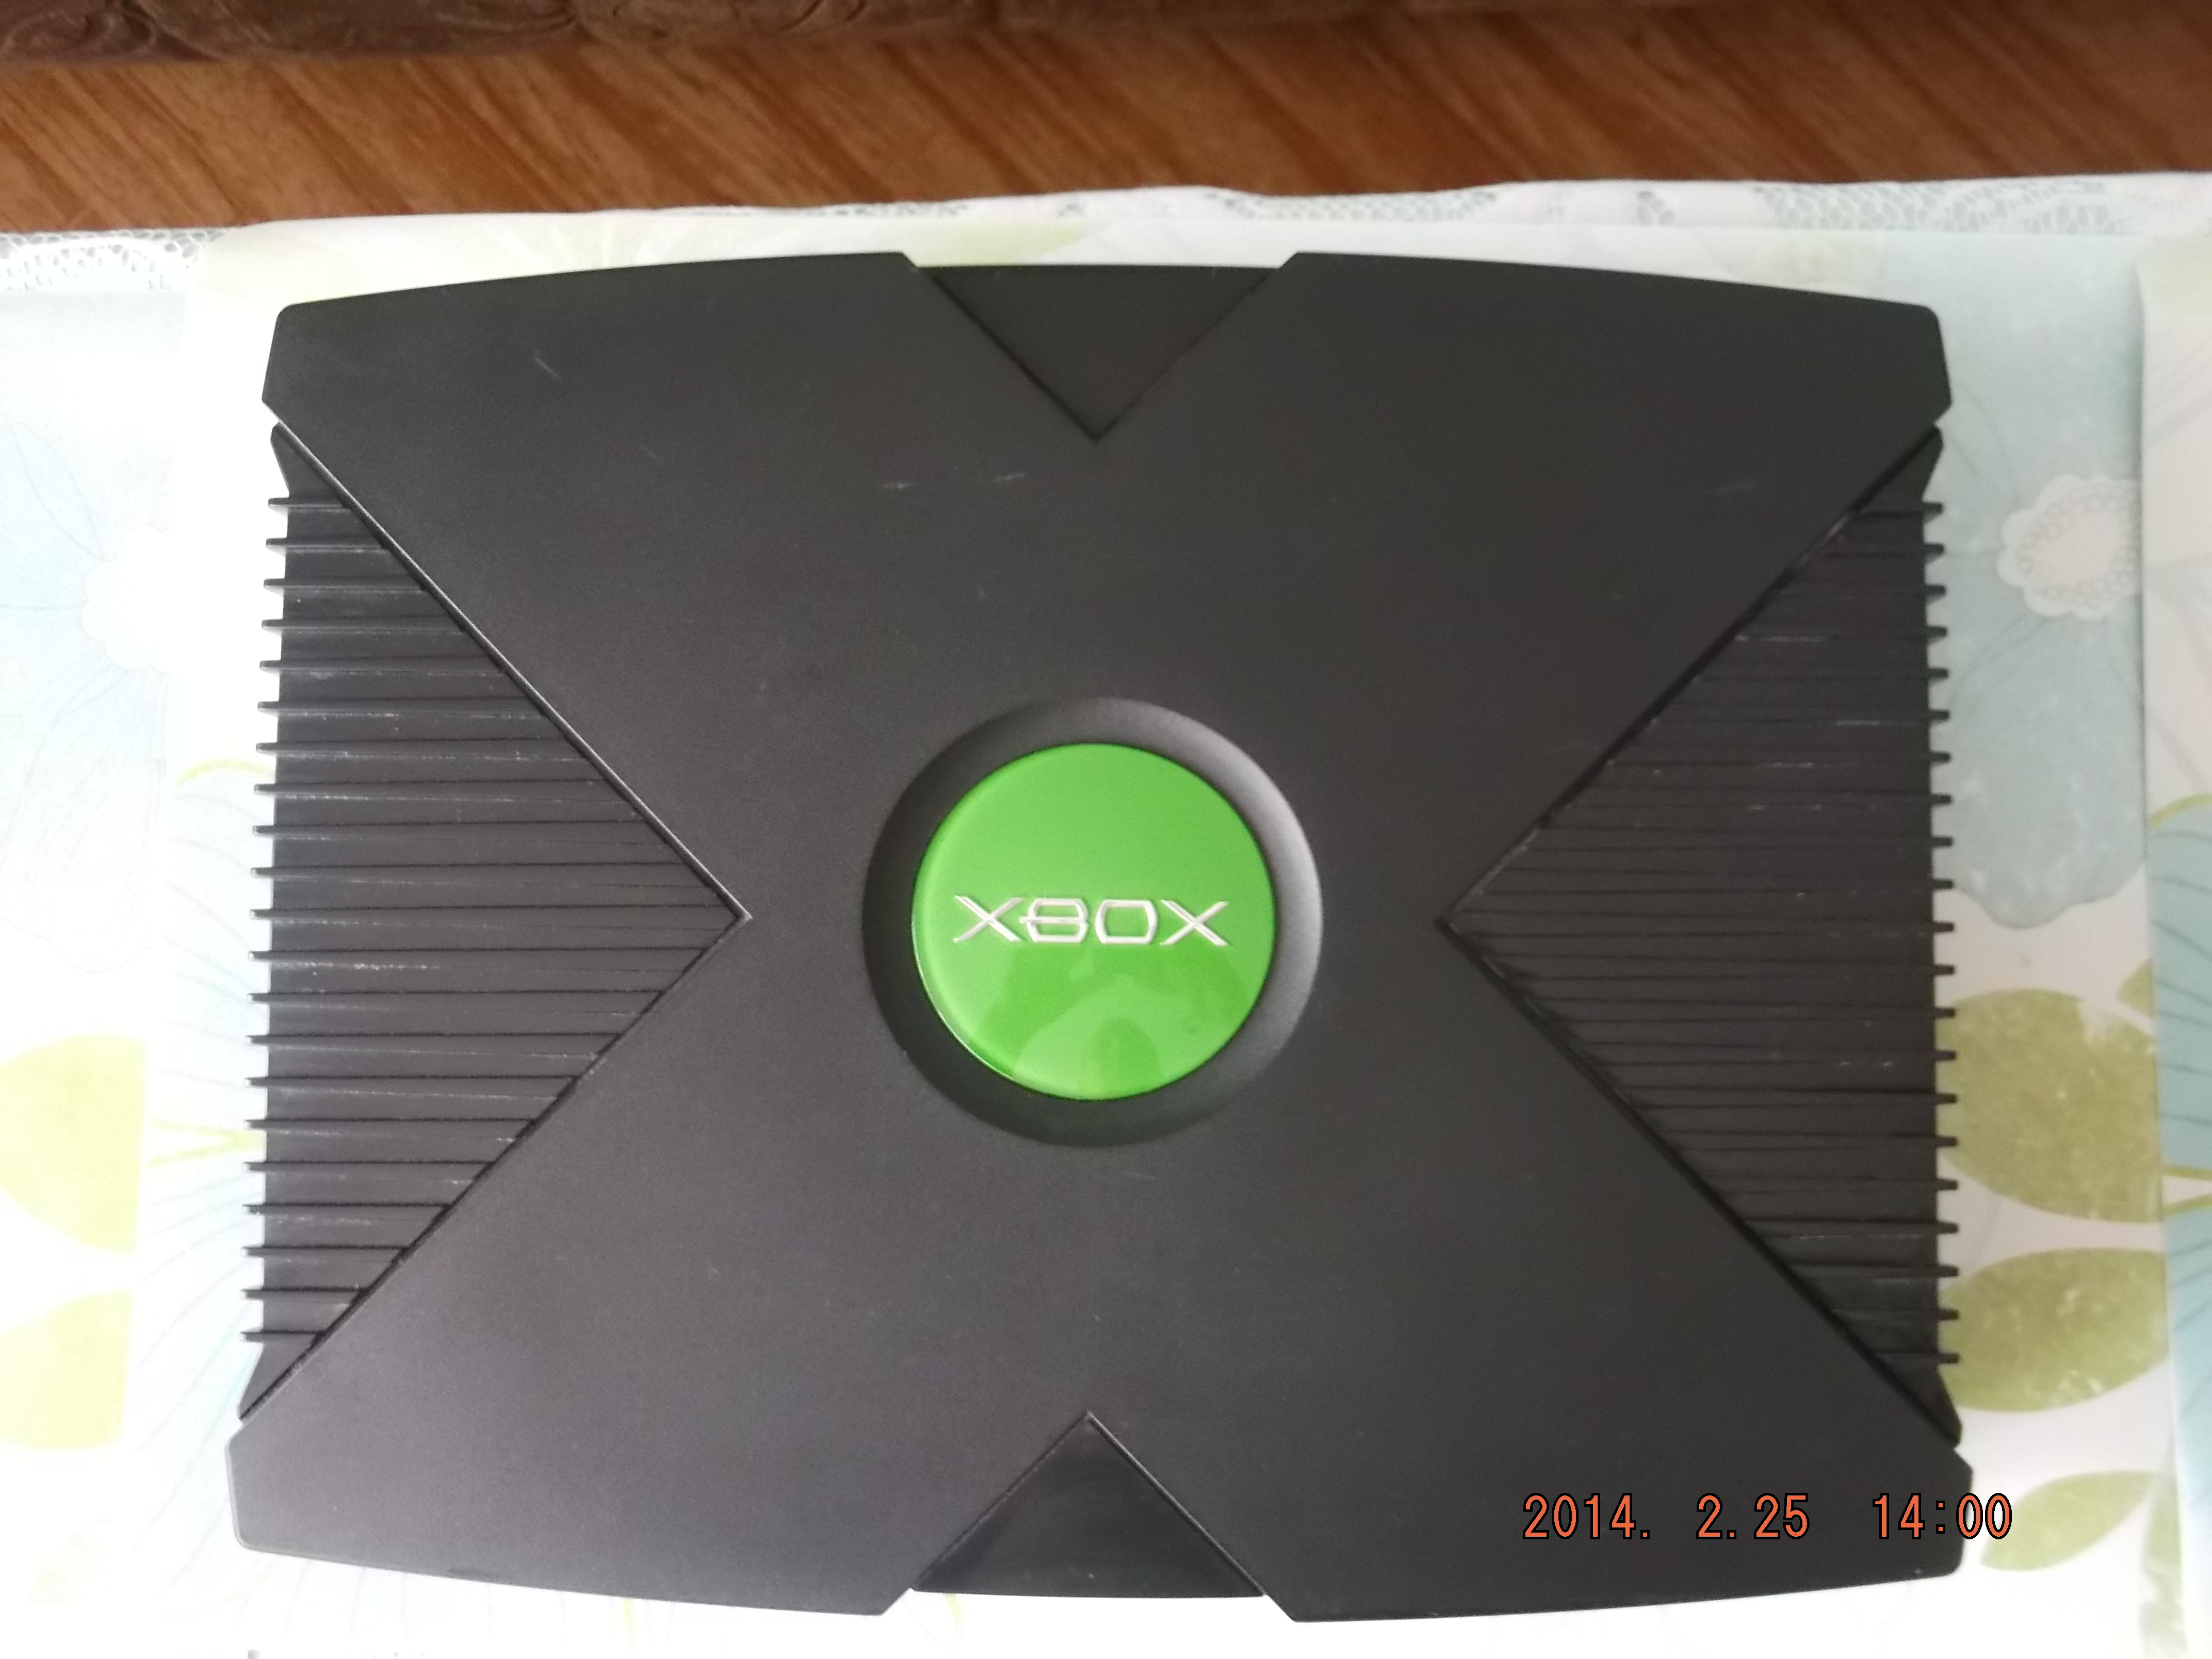 [Sprzedam] XBOX 1.6 160GB TSOP - Komplet